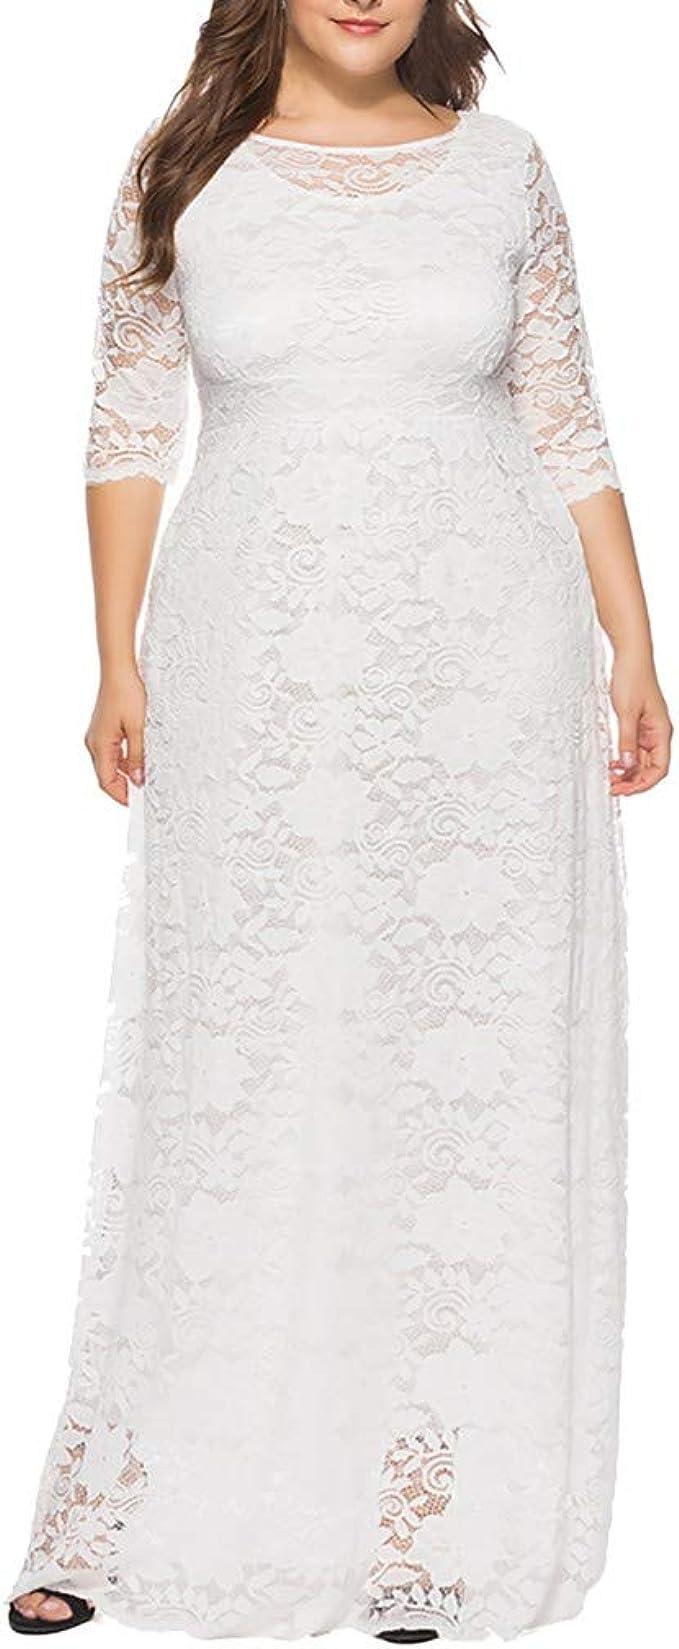 Kleider Damen Pullover Kleid Frühling Langes Kleid Elegant